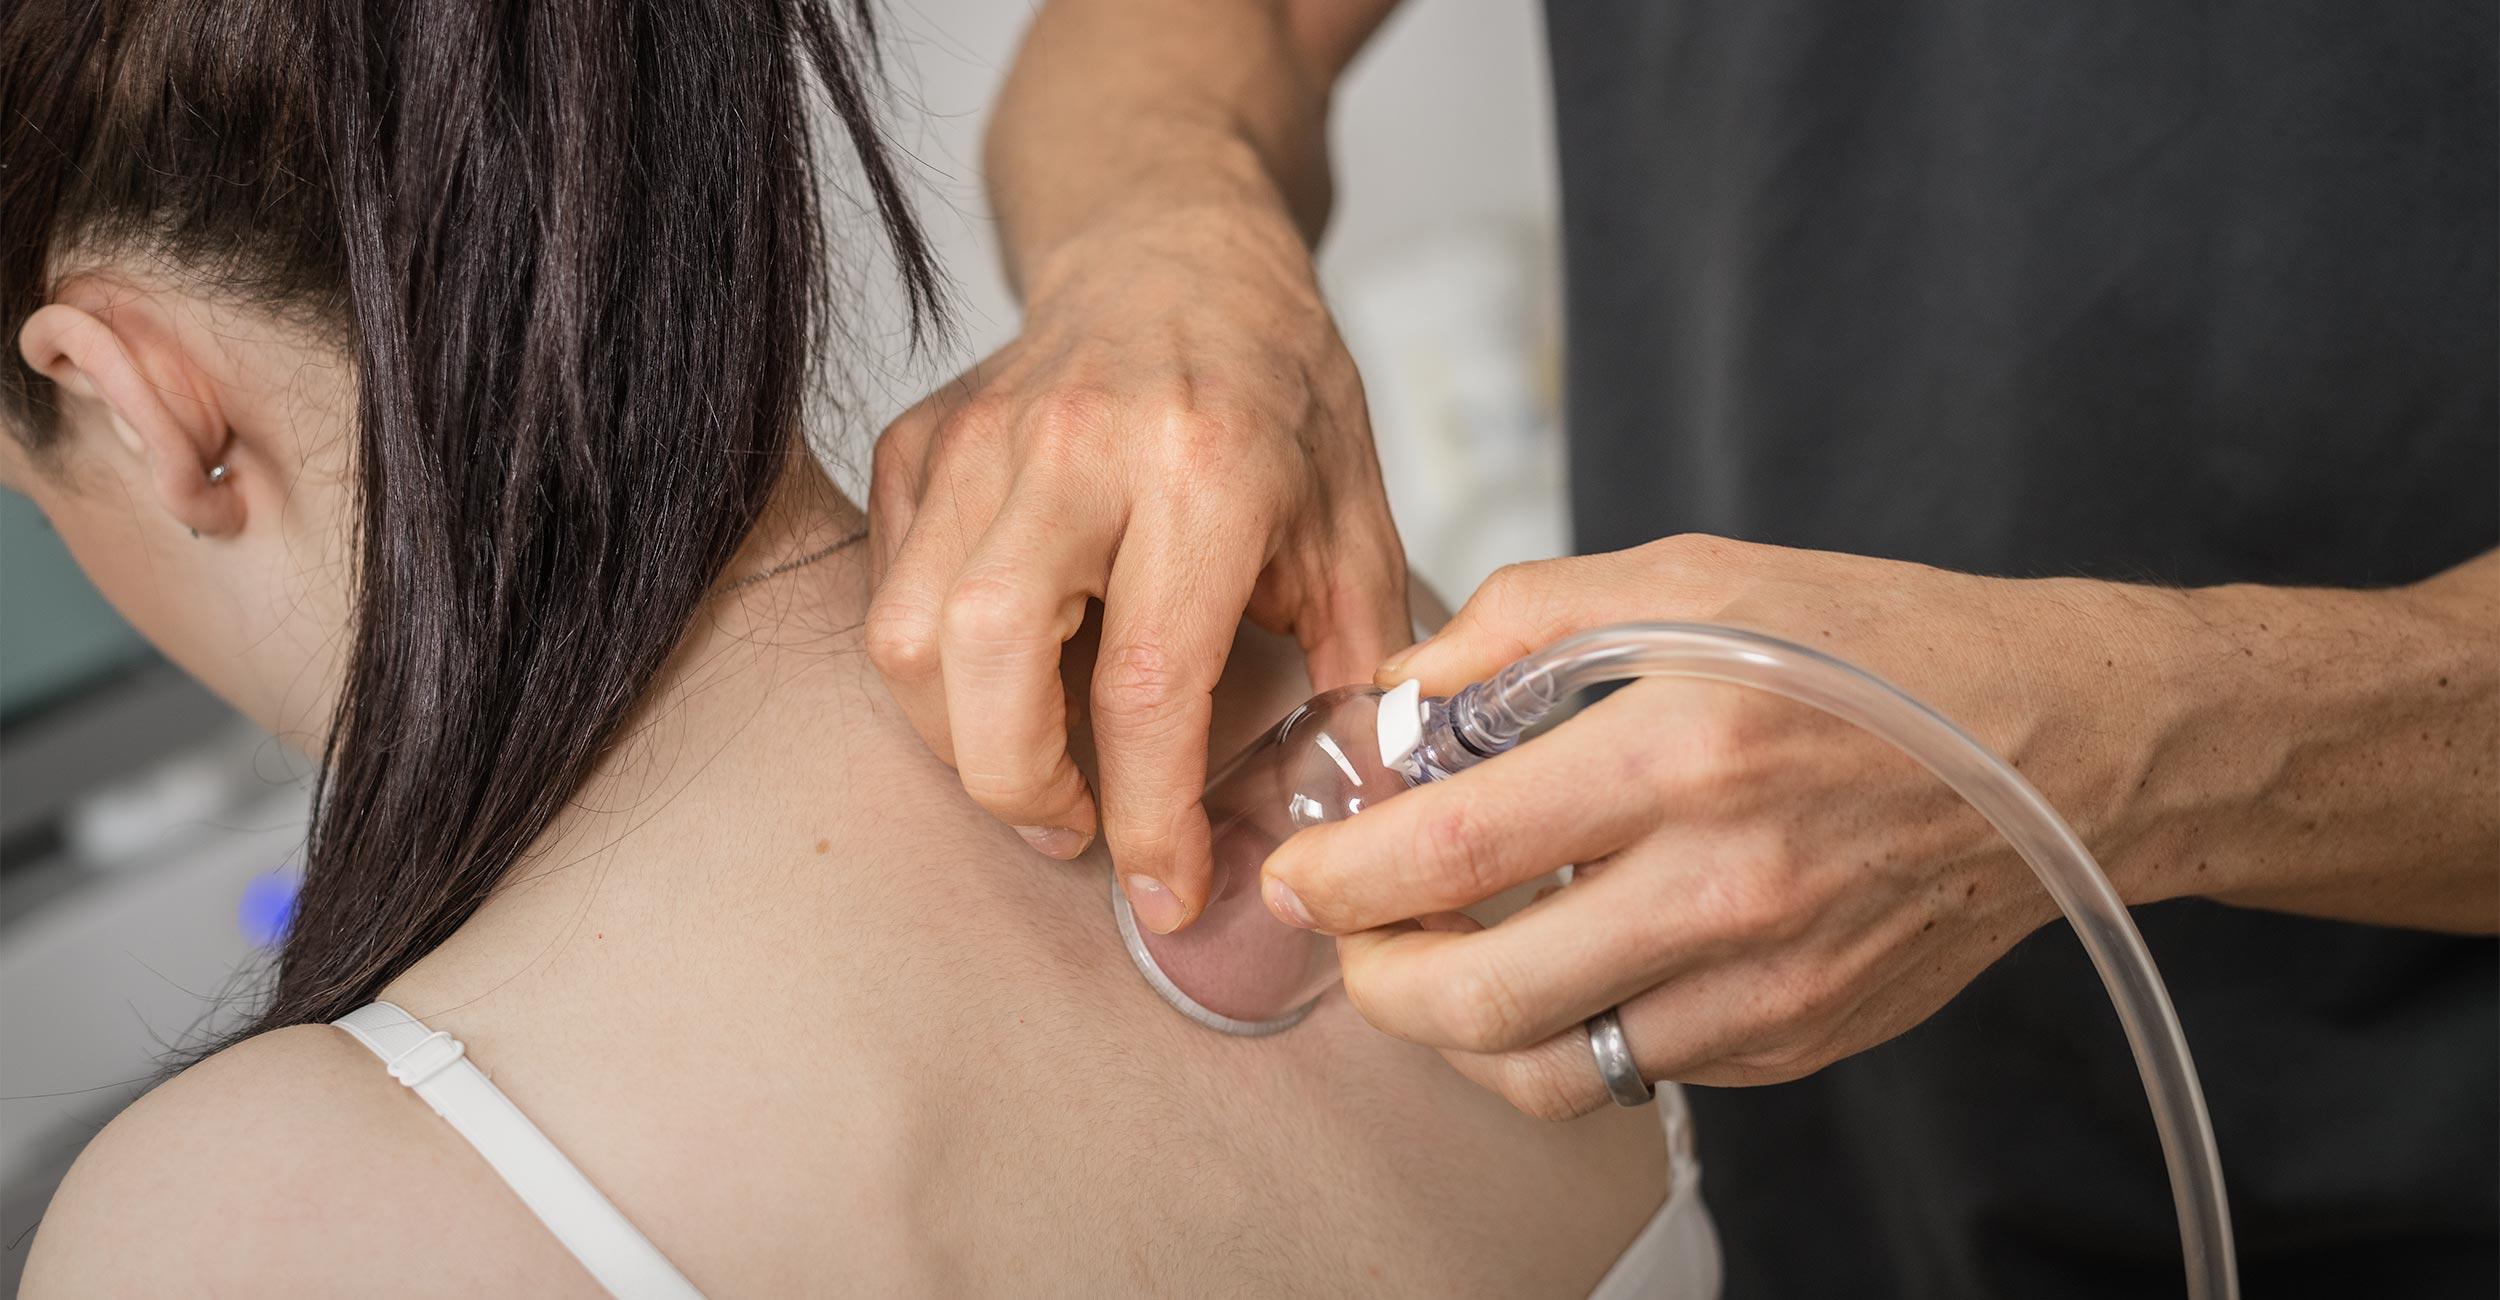 Physikalische Therapie: Schröpfen bei Verspannungen und Rückenbeschwerden